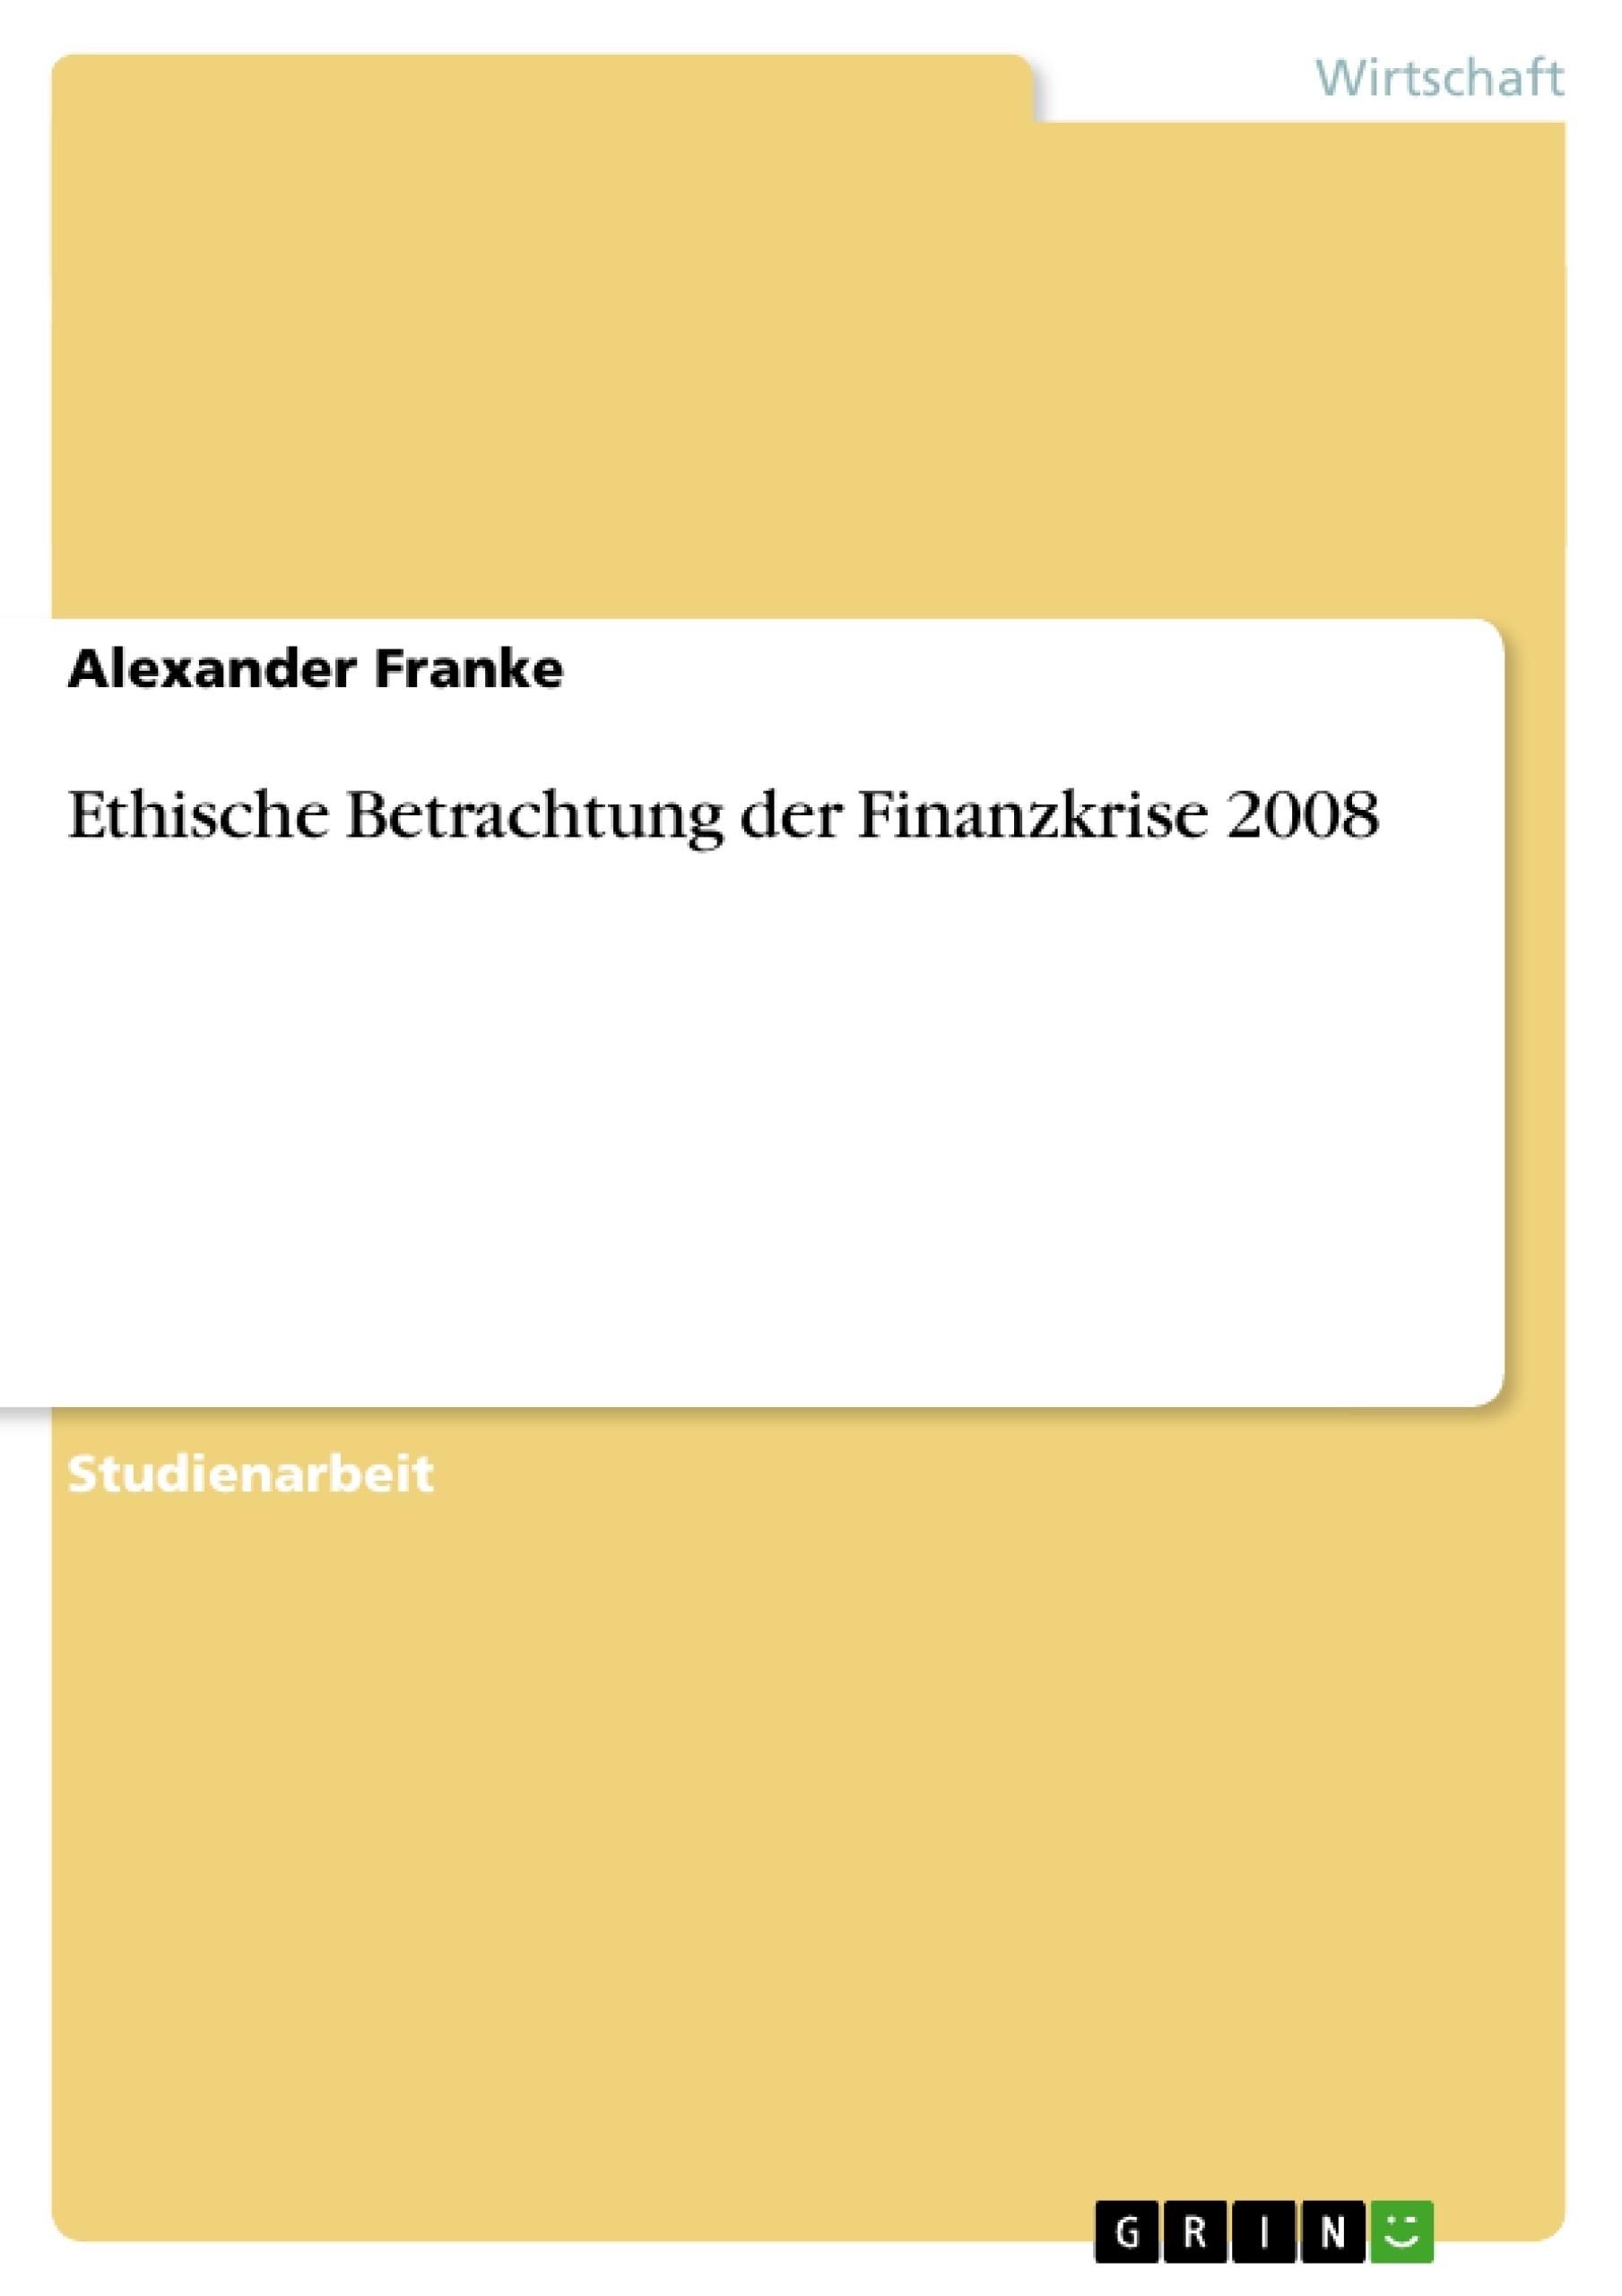 Titel: Ethische Betrachtung der Finanzkrise 2008